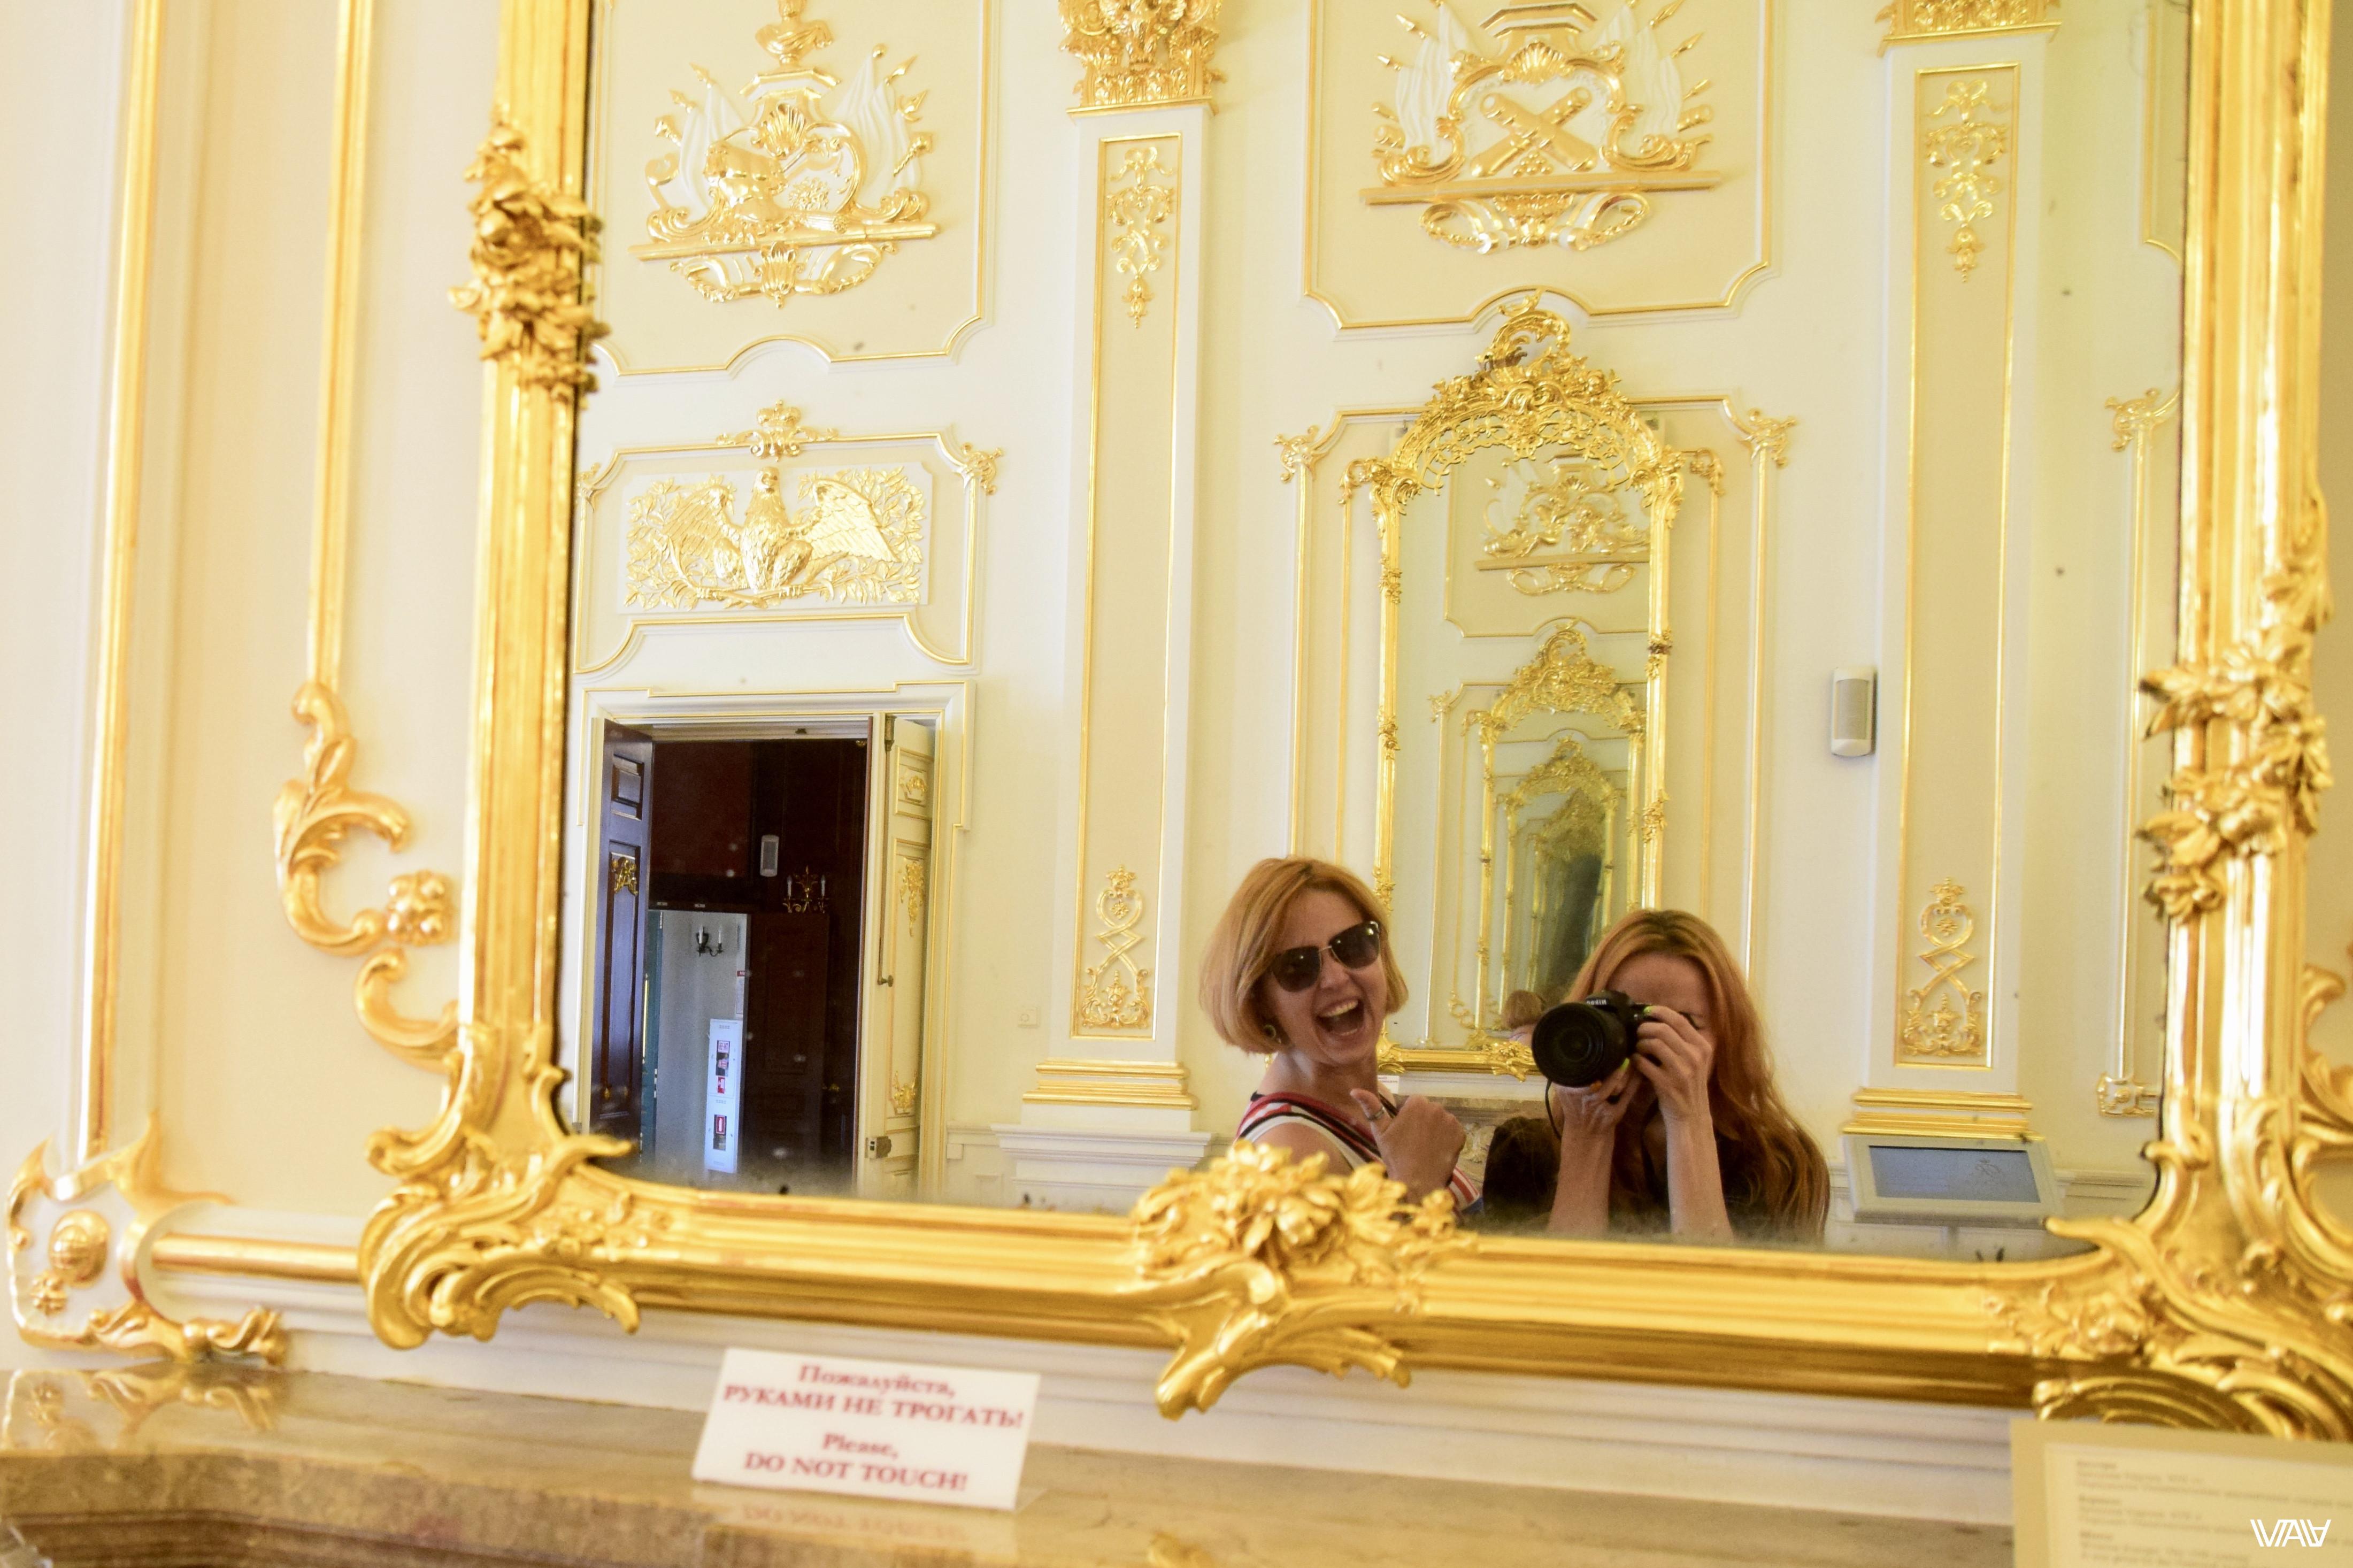 Чокнутая подружка и ваш покорный слуга :) Несвижский замок, Несвиж, Беларусь